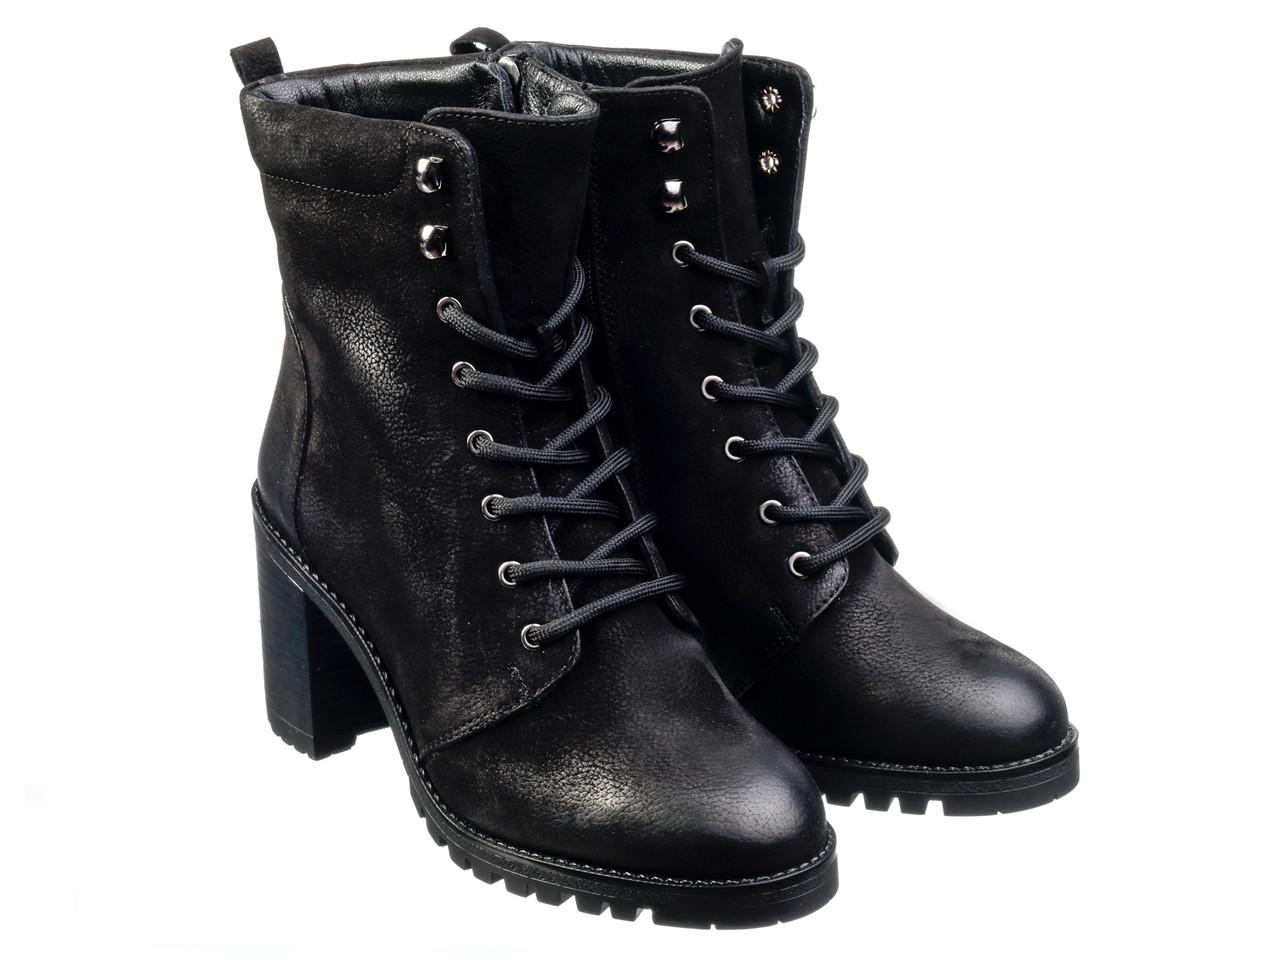 Ботинки Etor 7156-09696-1 черные, фото 1